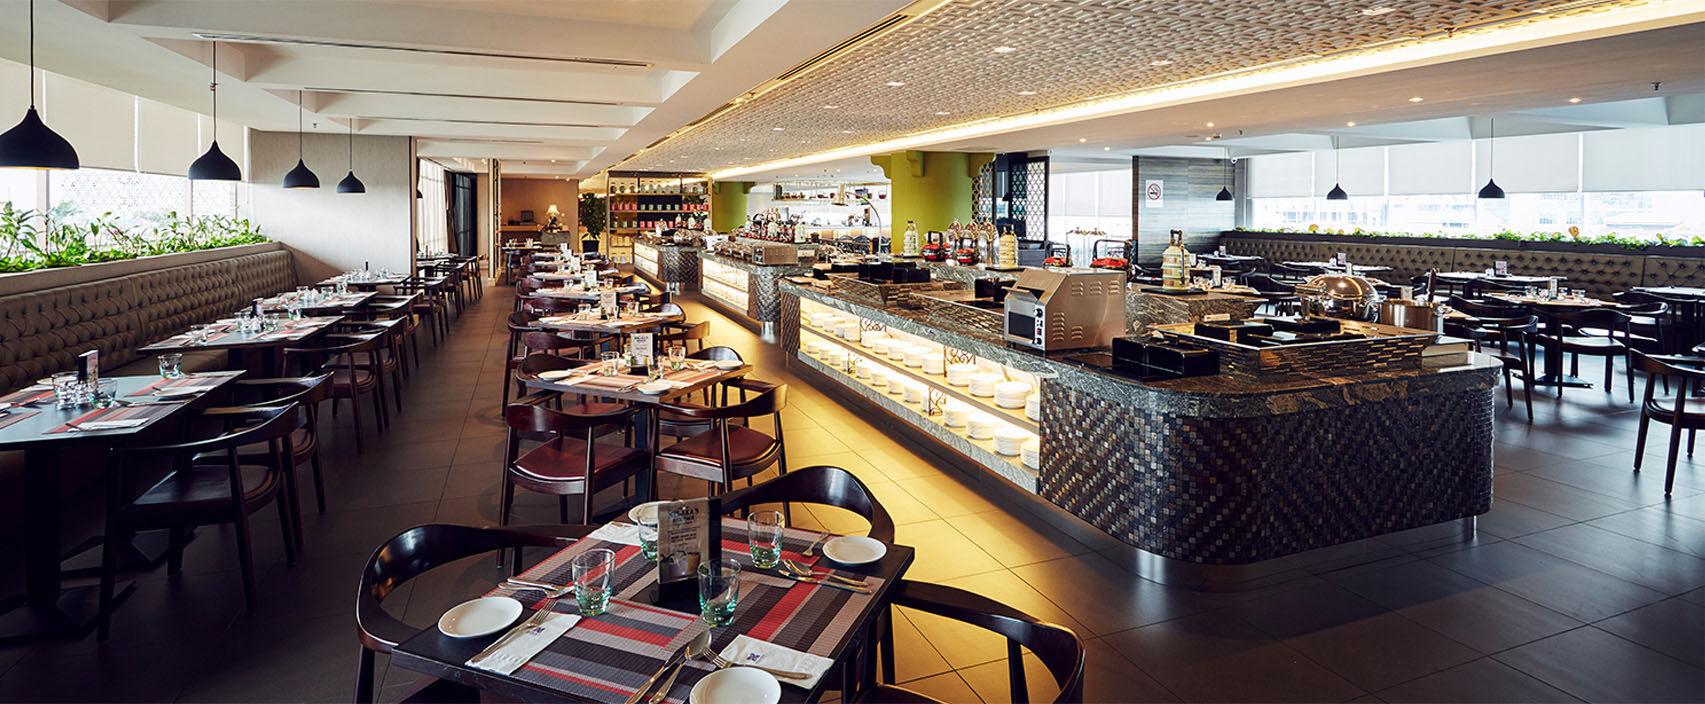 [Hotel Stay/Package] 2D1N Estadia Hotel Melaka FREE Upside Down Museum Entrance Ticket + Breakfast (Melaka)